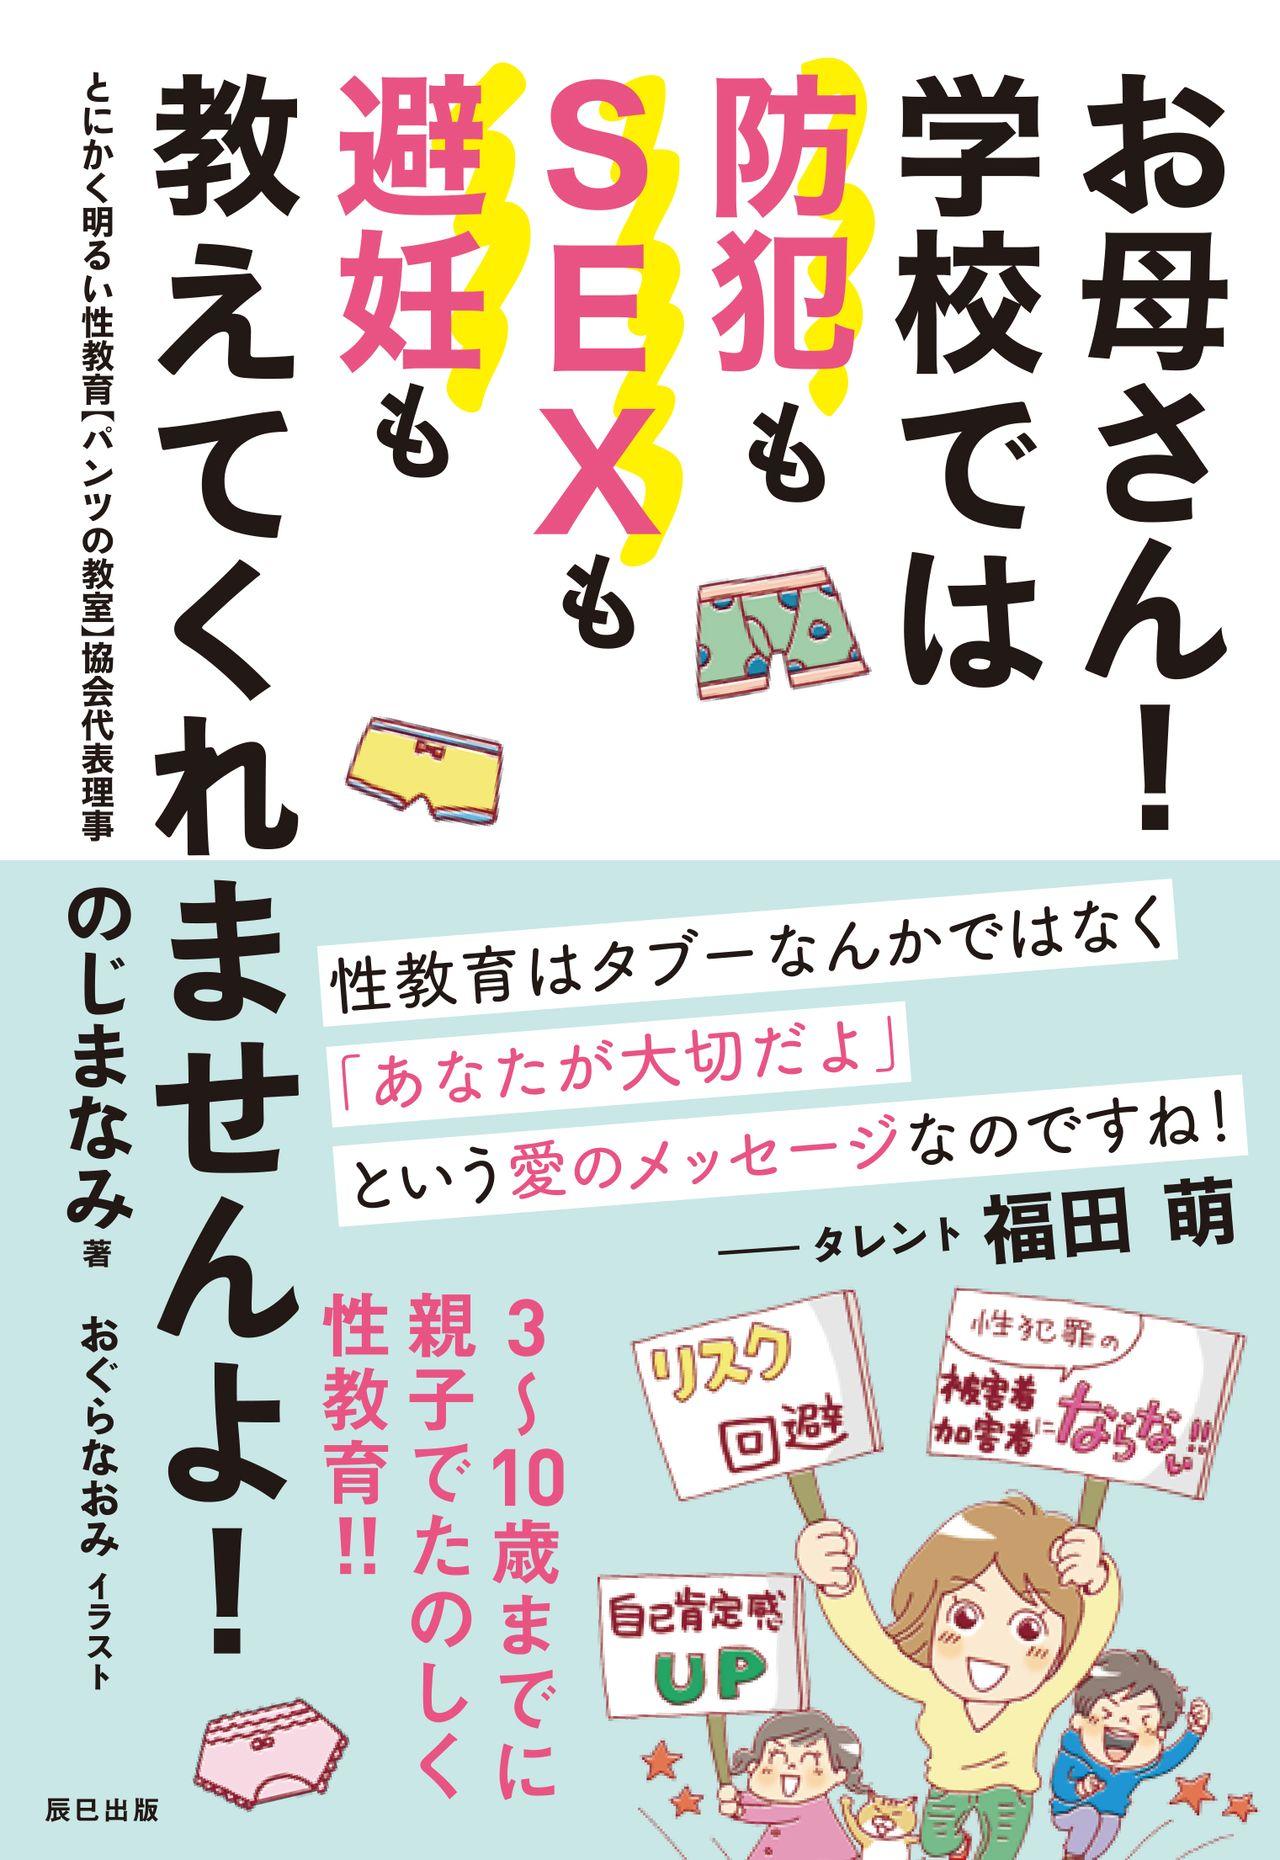 Книга «Мамы! В школе не рассказывают о предотвращении преступлений, сексе и контрацепции!» (изд-во «Тацуми сюппан»)